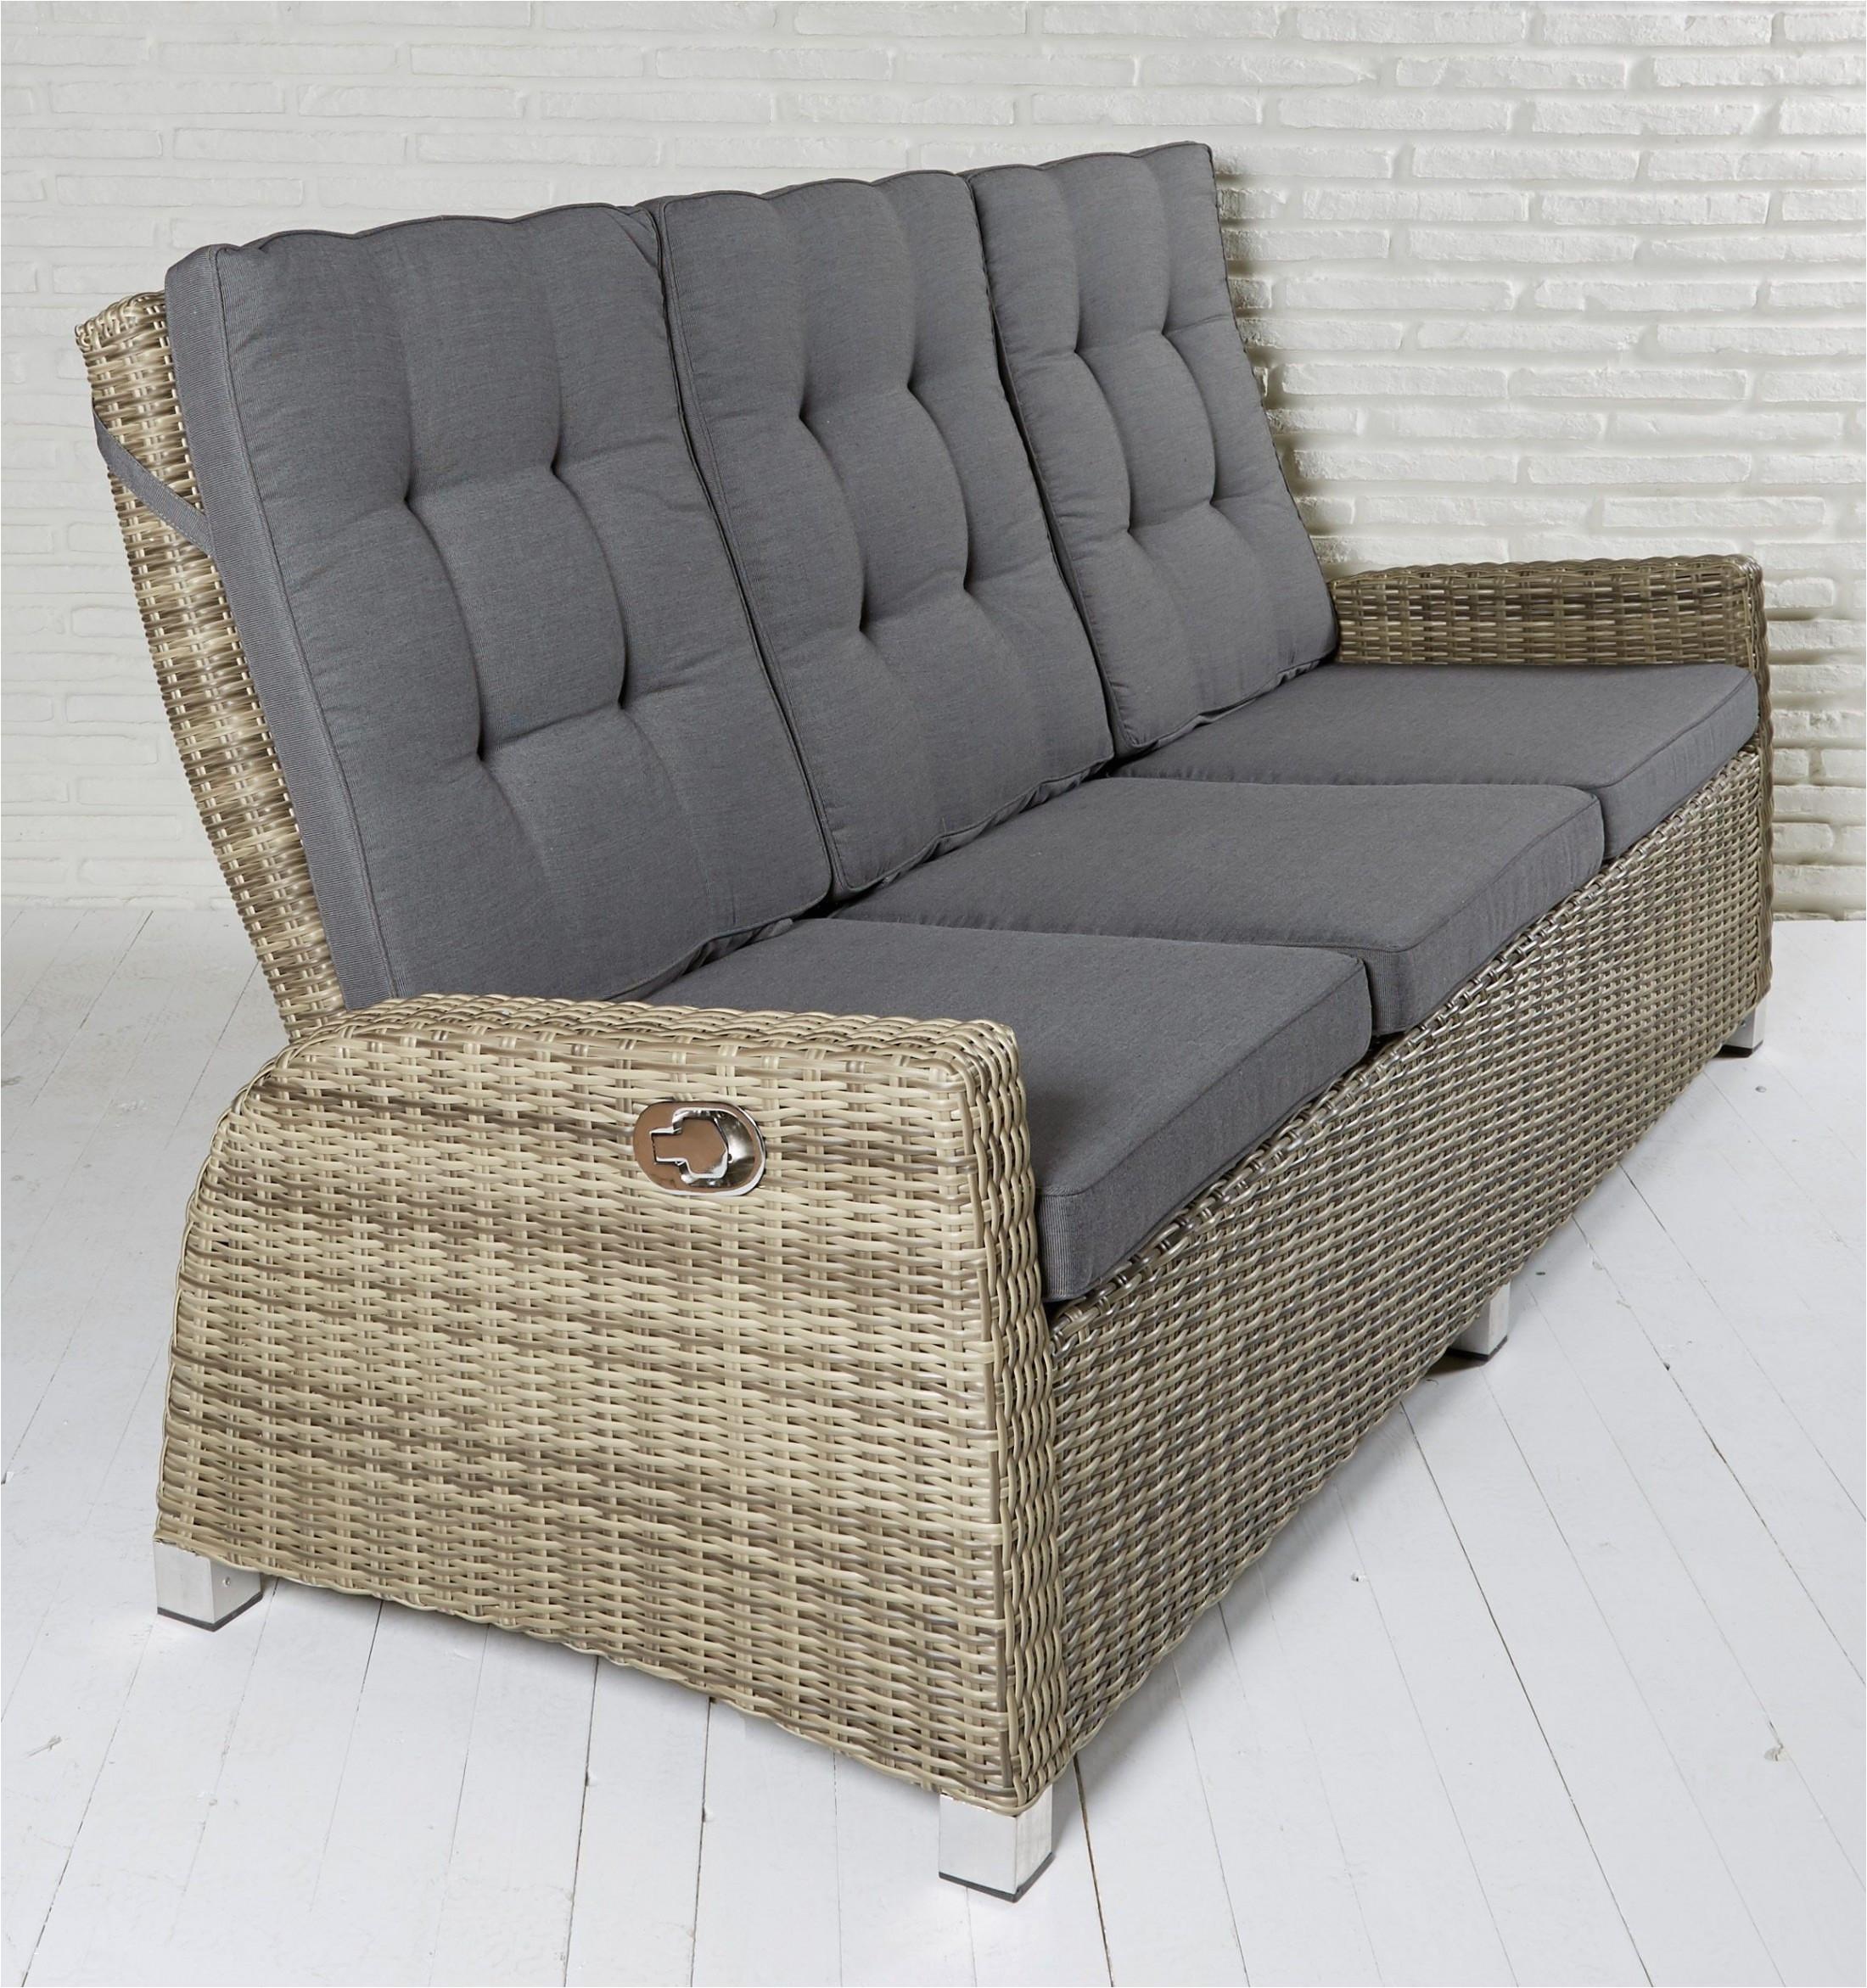 ausklappbare couch inspirierend fold out sleeper sofa awesome rattan ecksofa wohnzimmer und sammlung